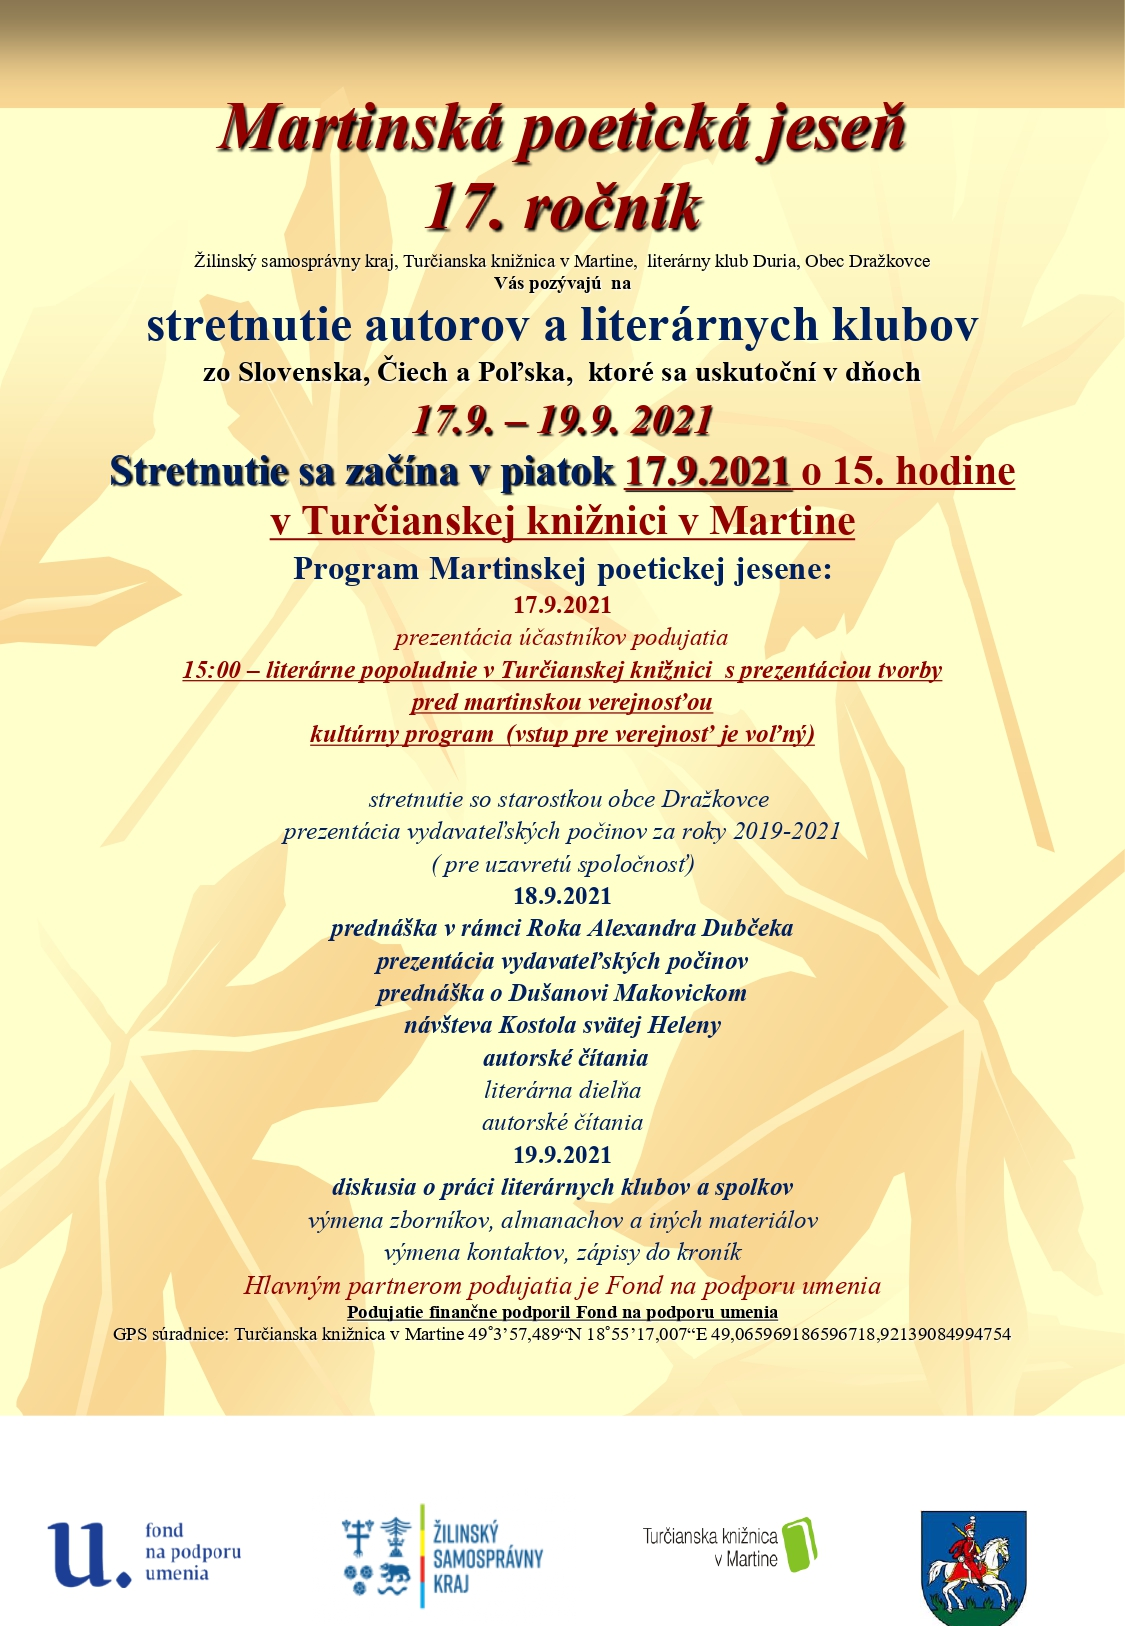 17. ročník Martinskej poetickej jesene – Turčianska knižnica v Martine